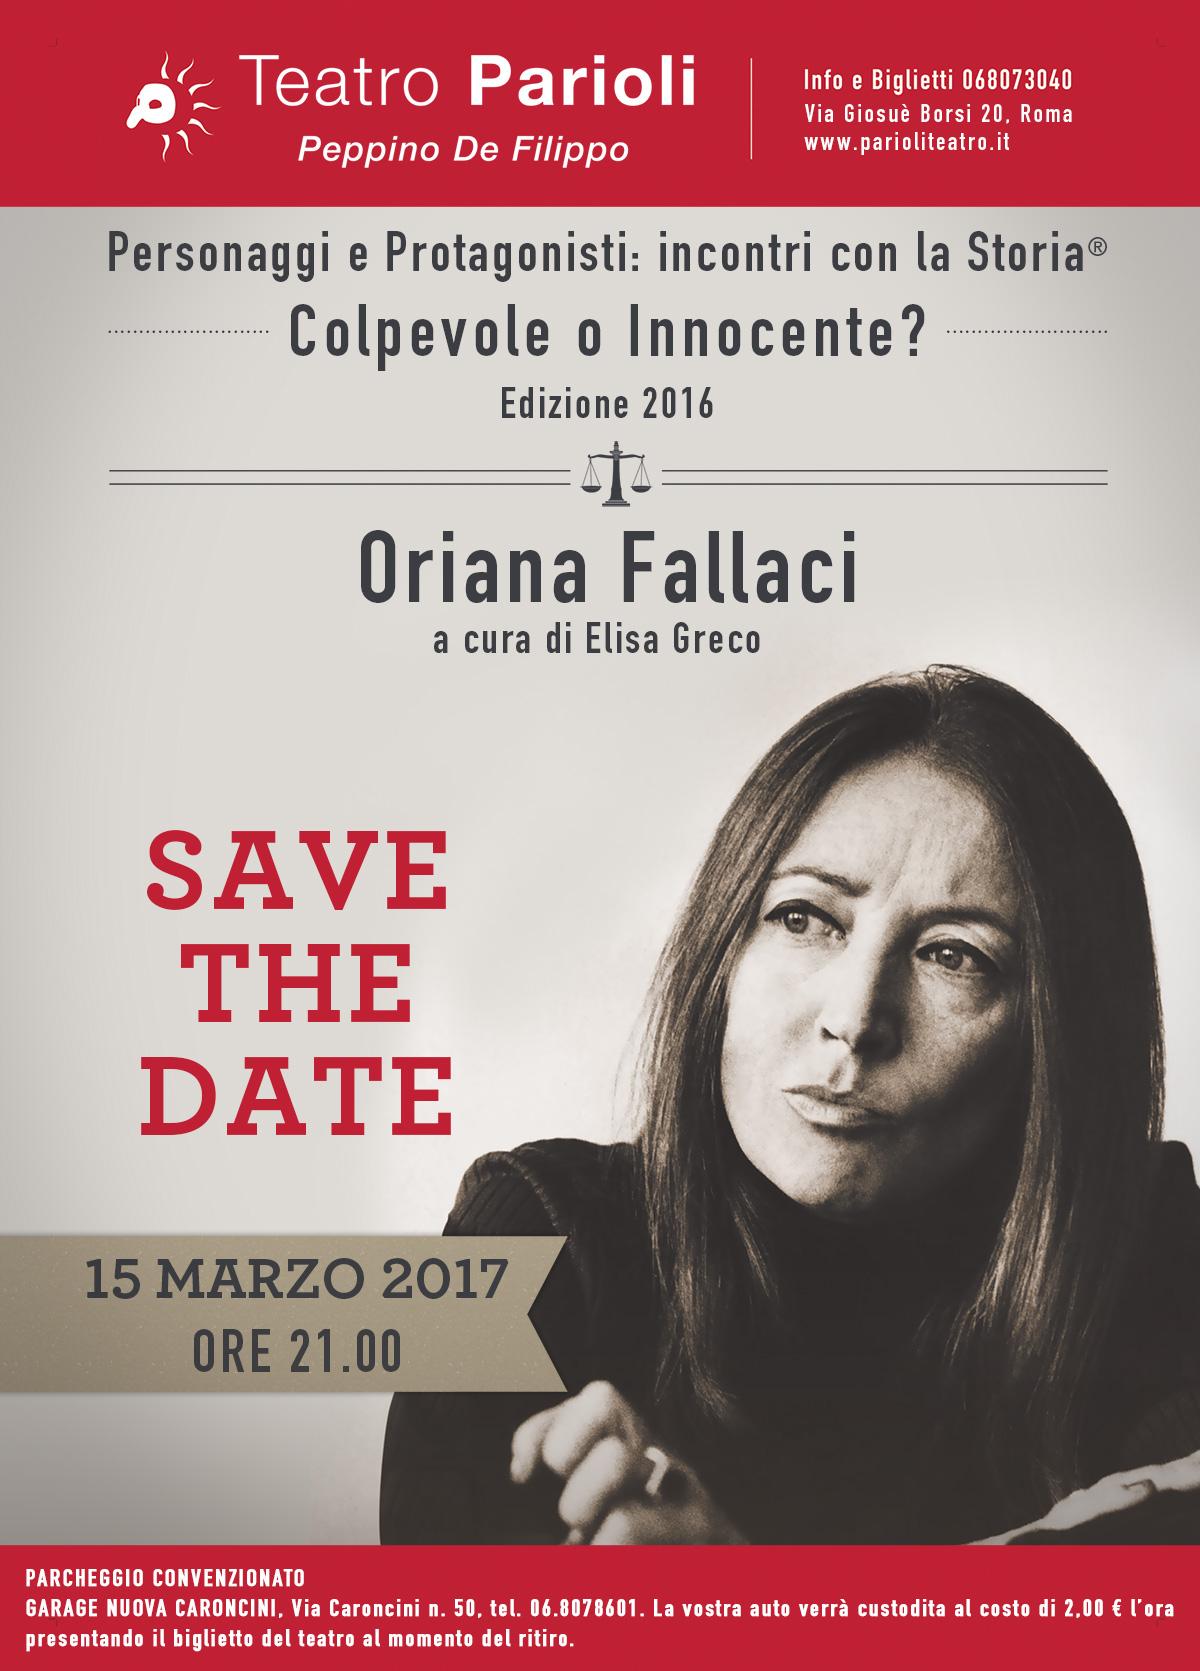 Save the date - La Storia a Processo! -15 marzo 2017 – ore 21 - Teatro Parioli Peppino De Filippo - Roma